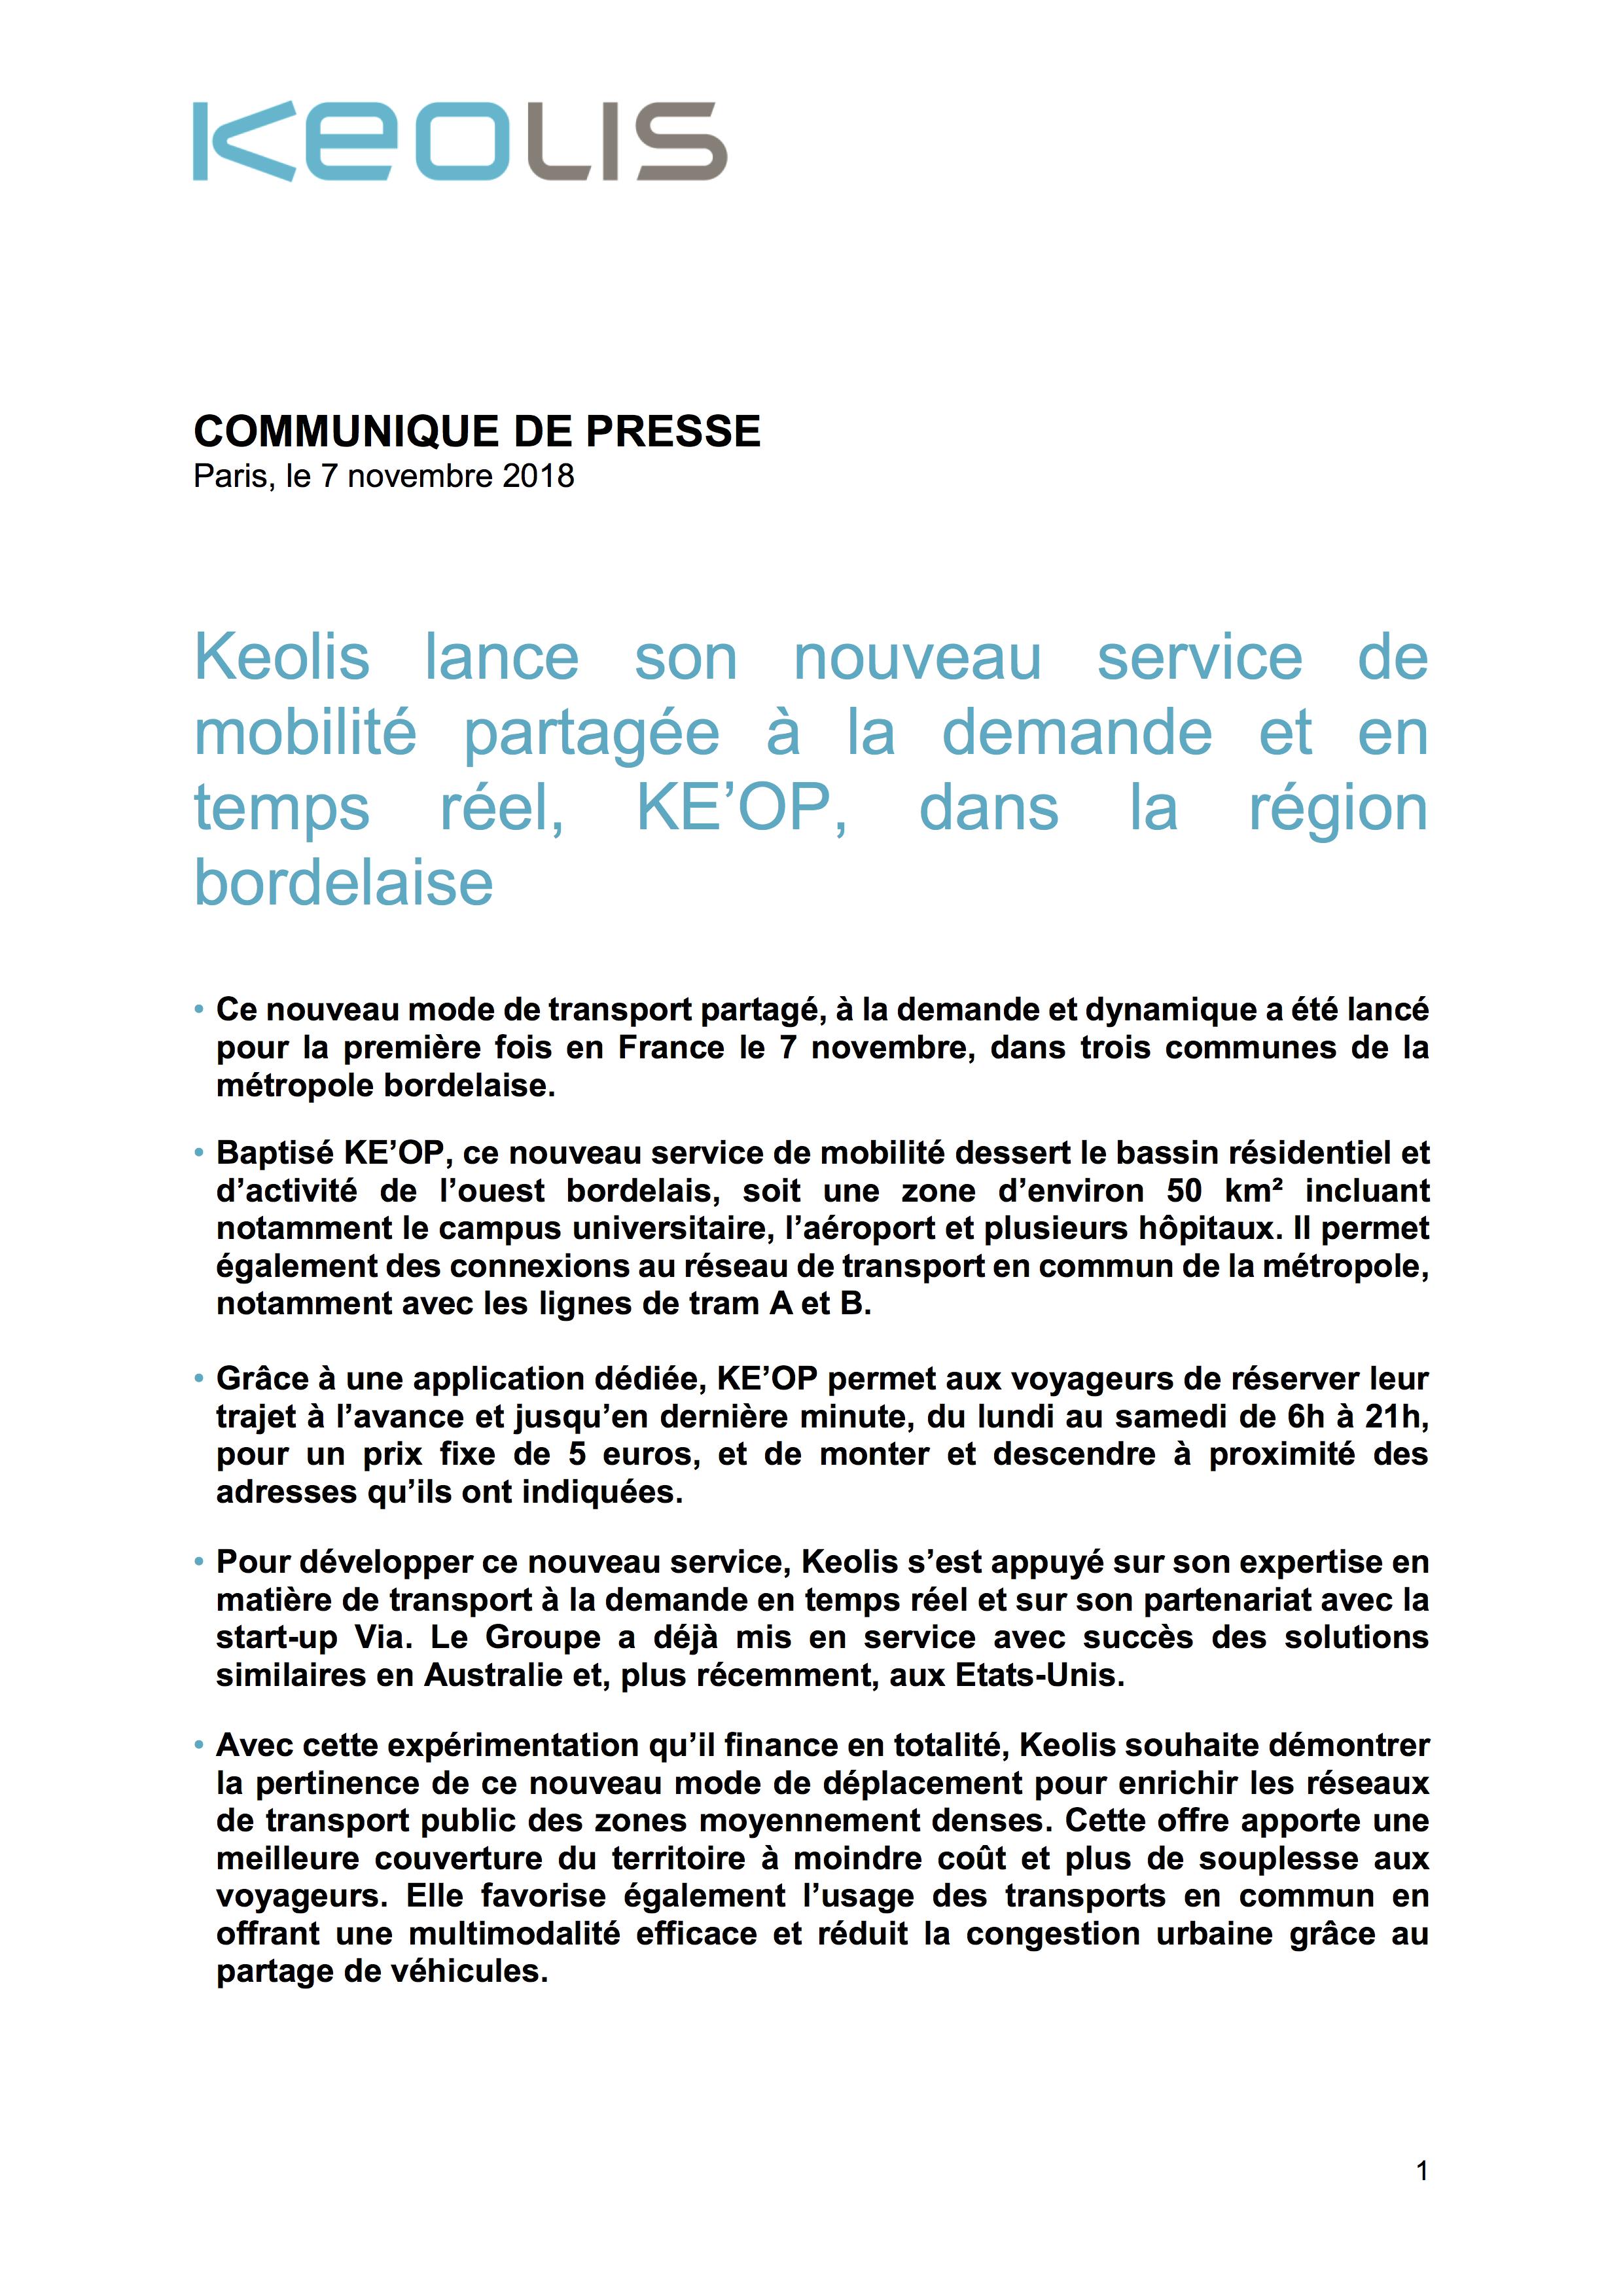 cp-keolis_keolis-lance-son-nouveau-service-de-mobilite-partagee-a-la-demande-et-en-temps-reel_partie1